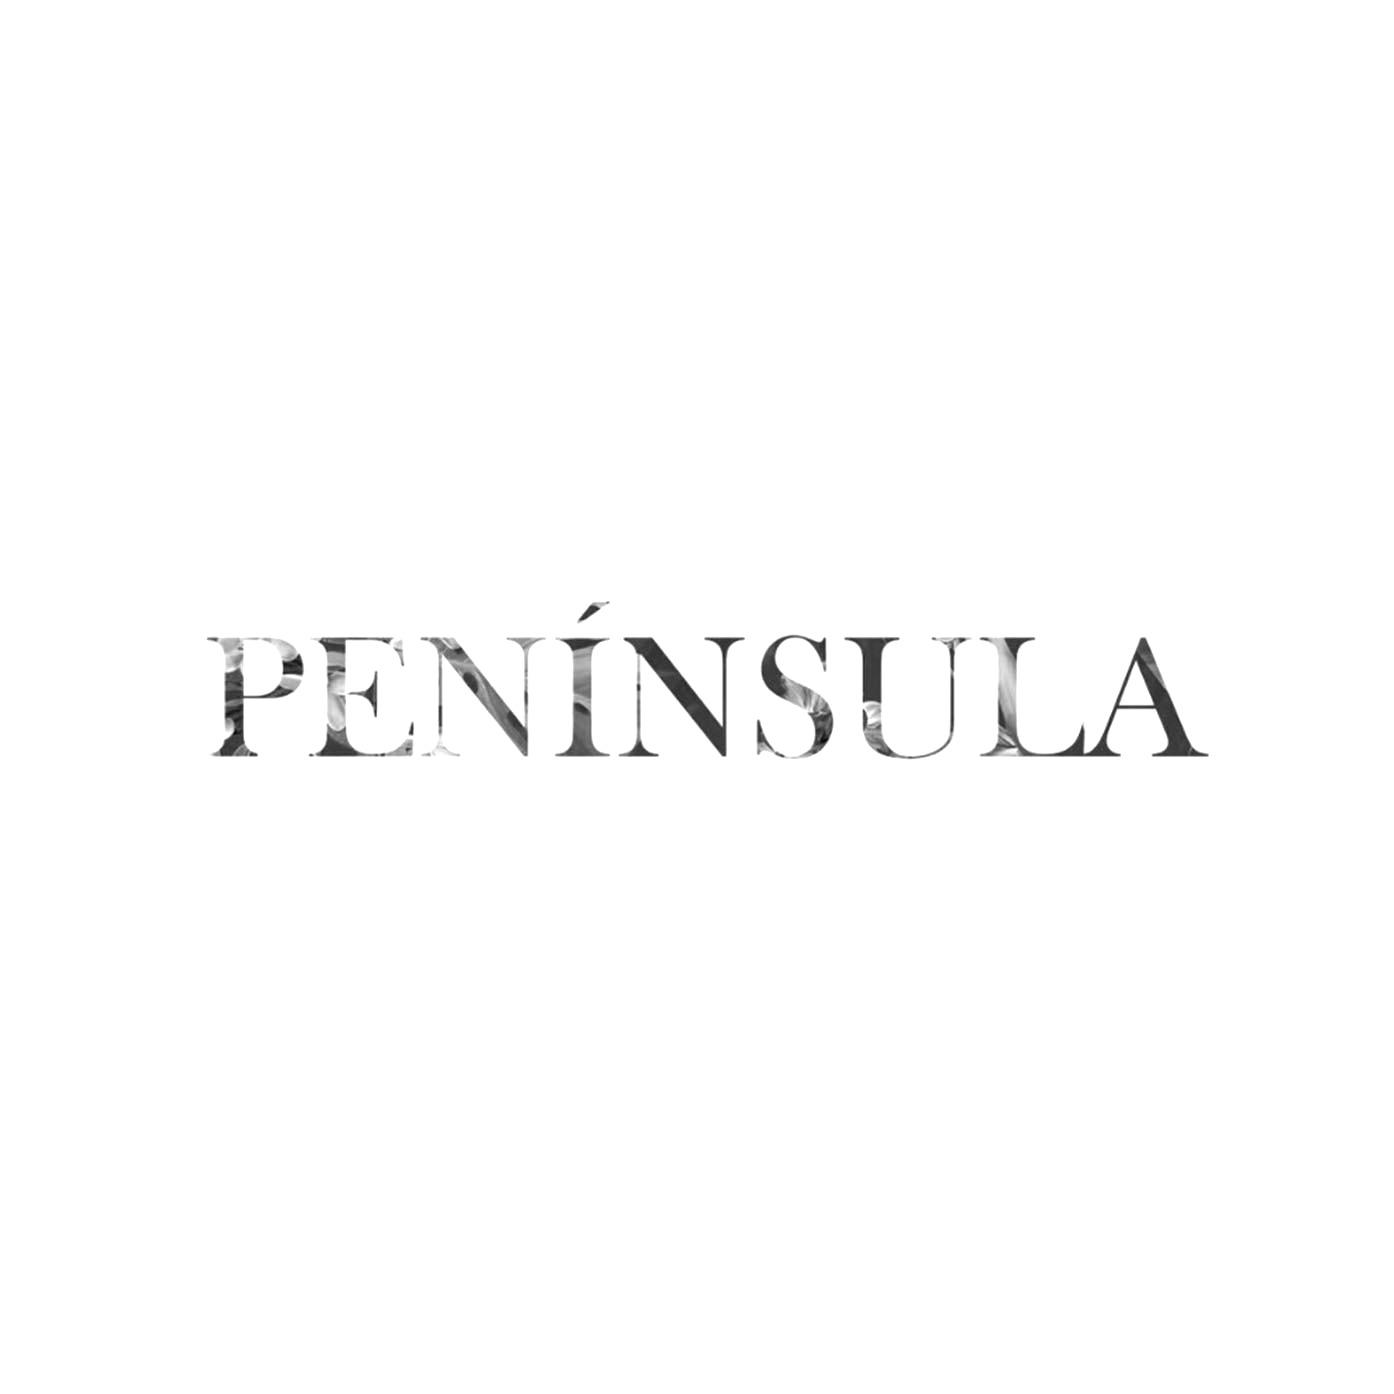 Logo_Peni%C3%8C%C2%81nsula_edited